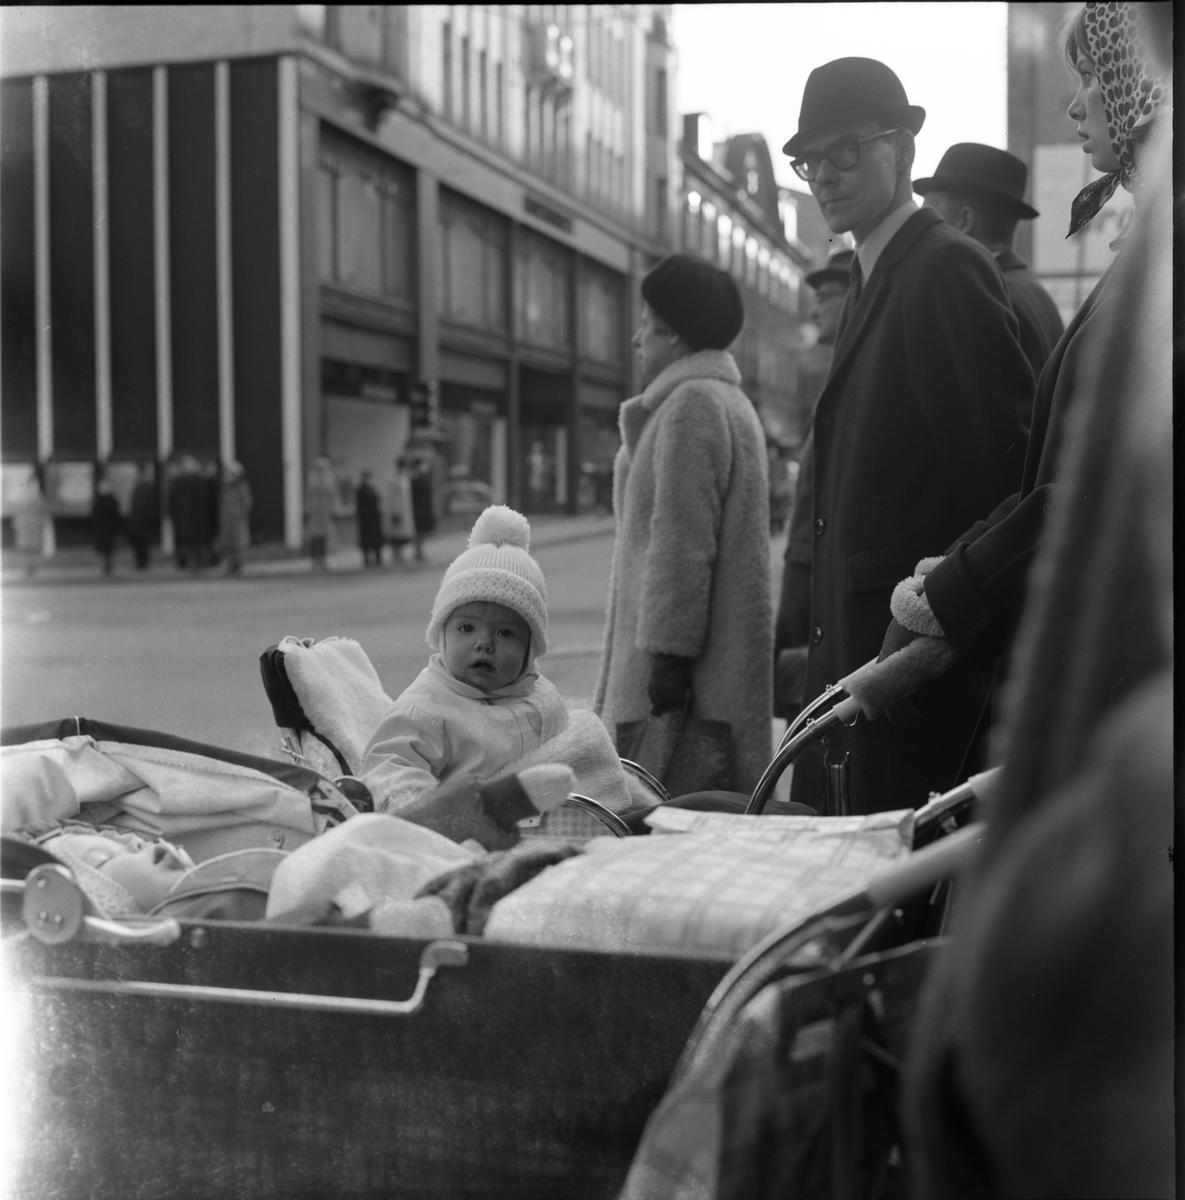 Väntande vid övergångsställe i stan, Uppsala 1961